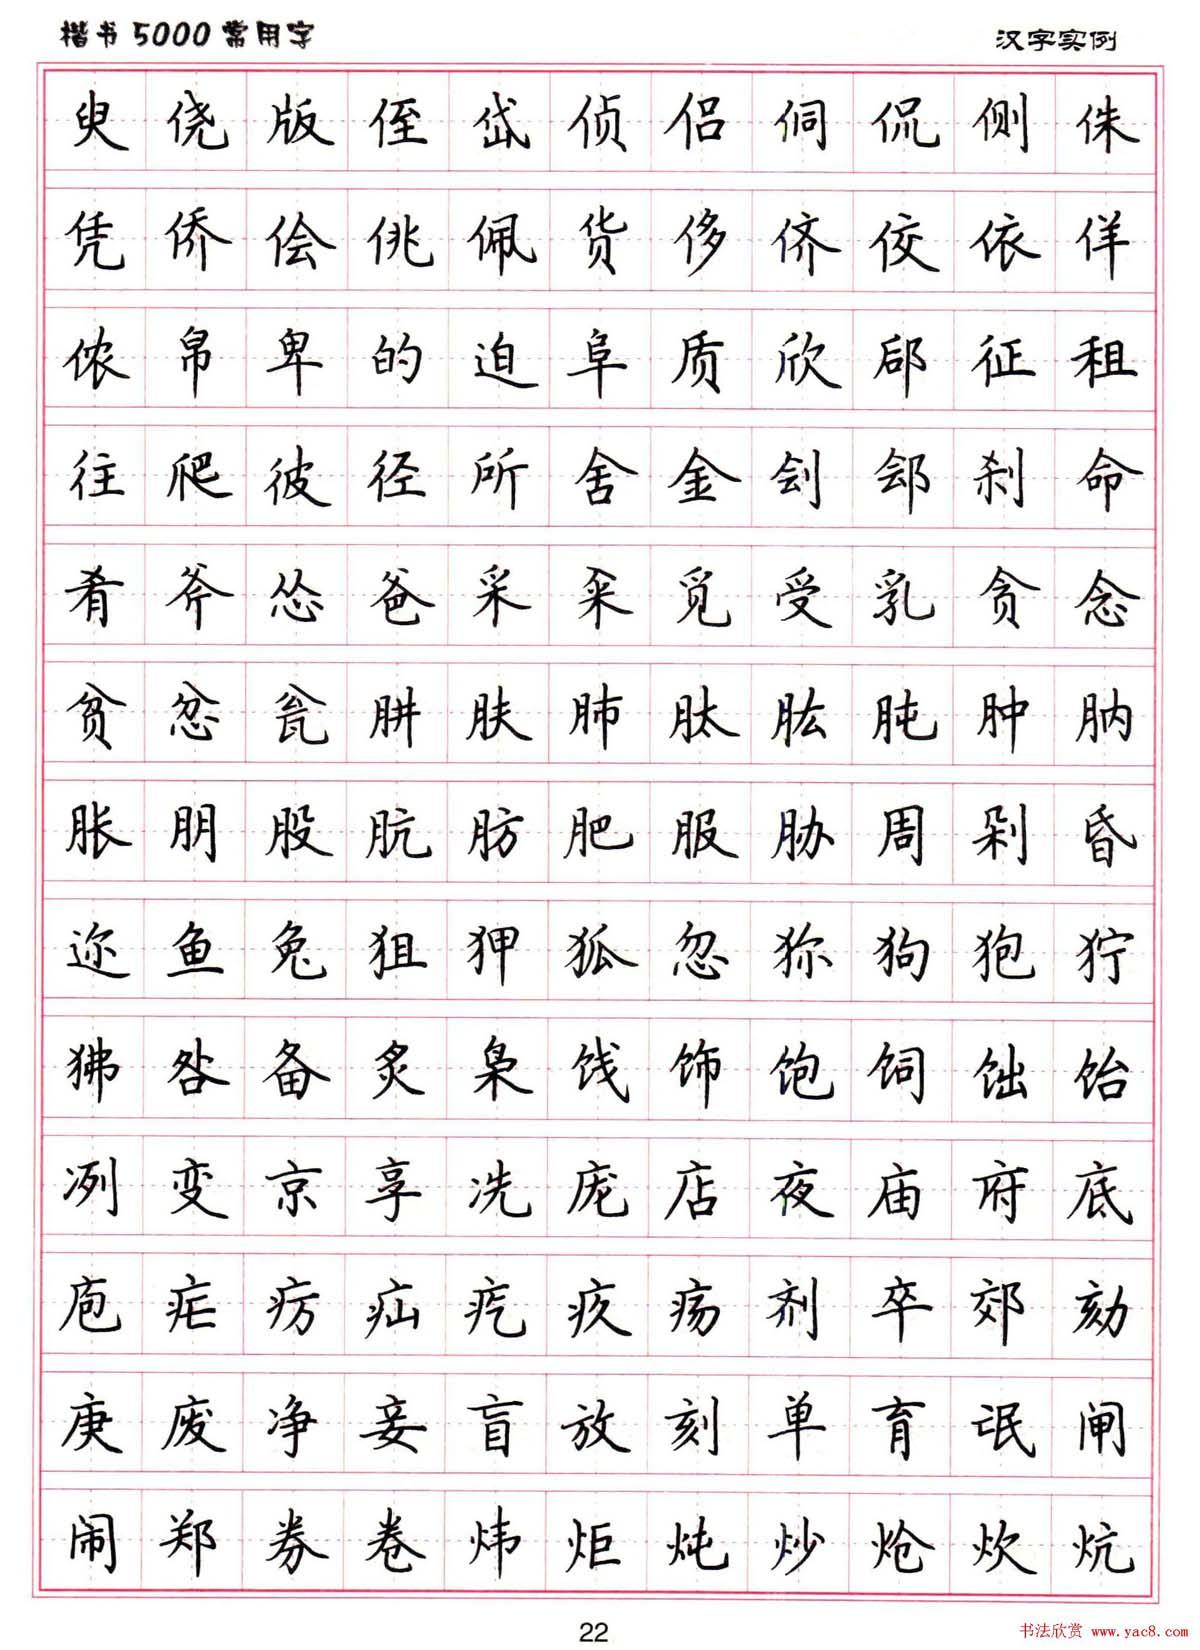 硬笔书法字帖《楷书5000常用字》(一)图片